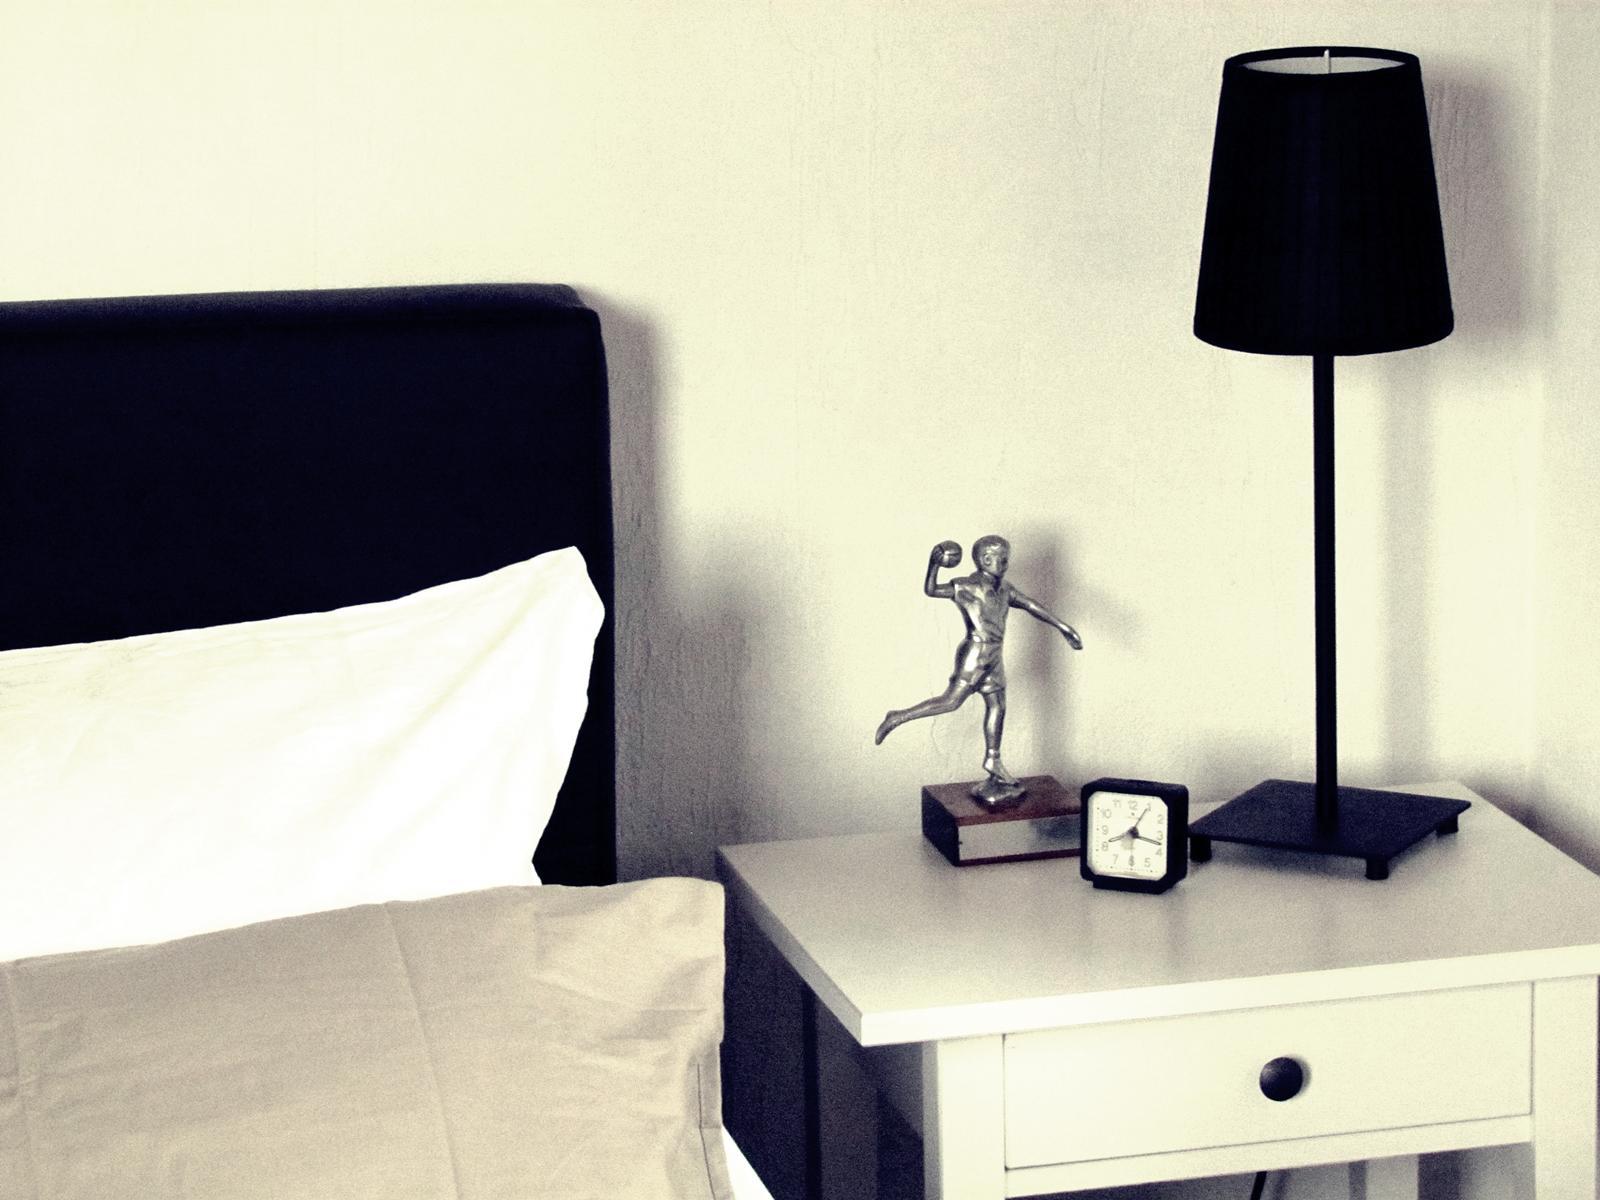 Full Size of Boxspringbett Ikea Minimalistisches Schlafzimmer Beistelltisch Modulküche Set Mit Betten 160x200 Miniküche Sofa Schlaffunktion Küche Kaufen Kosten Bei Wohnzimmer Boxspringbett Ikea